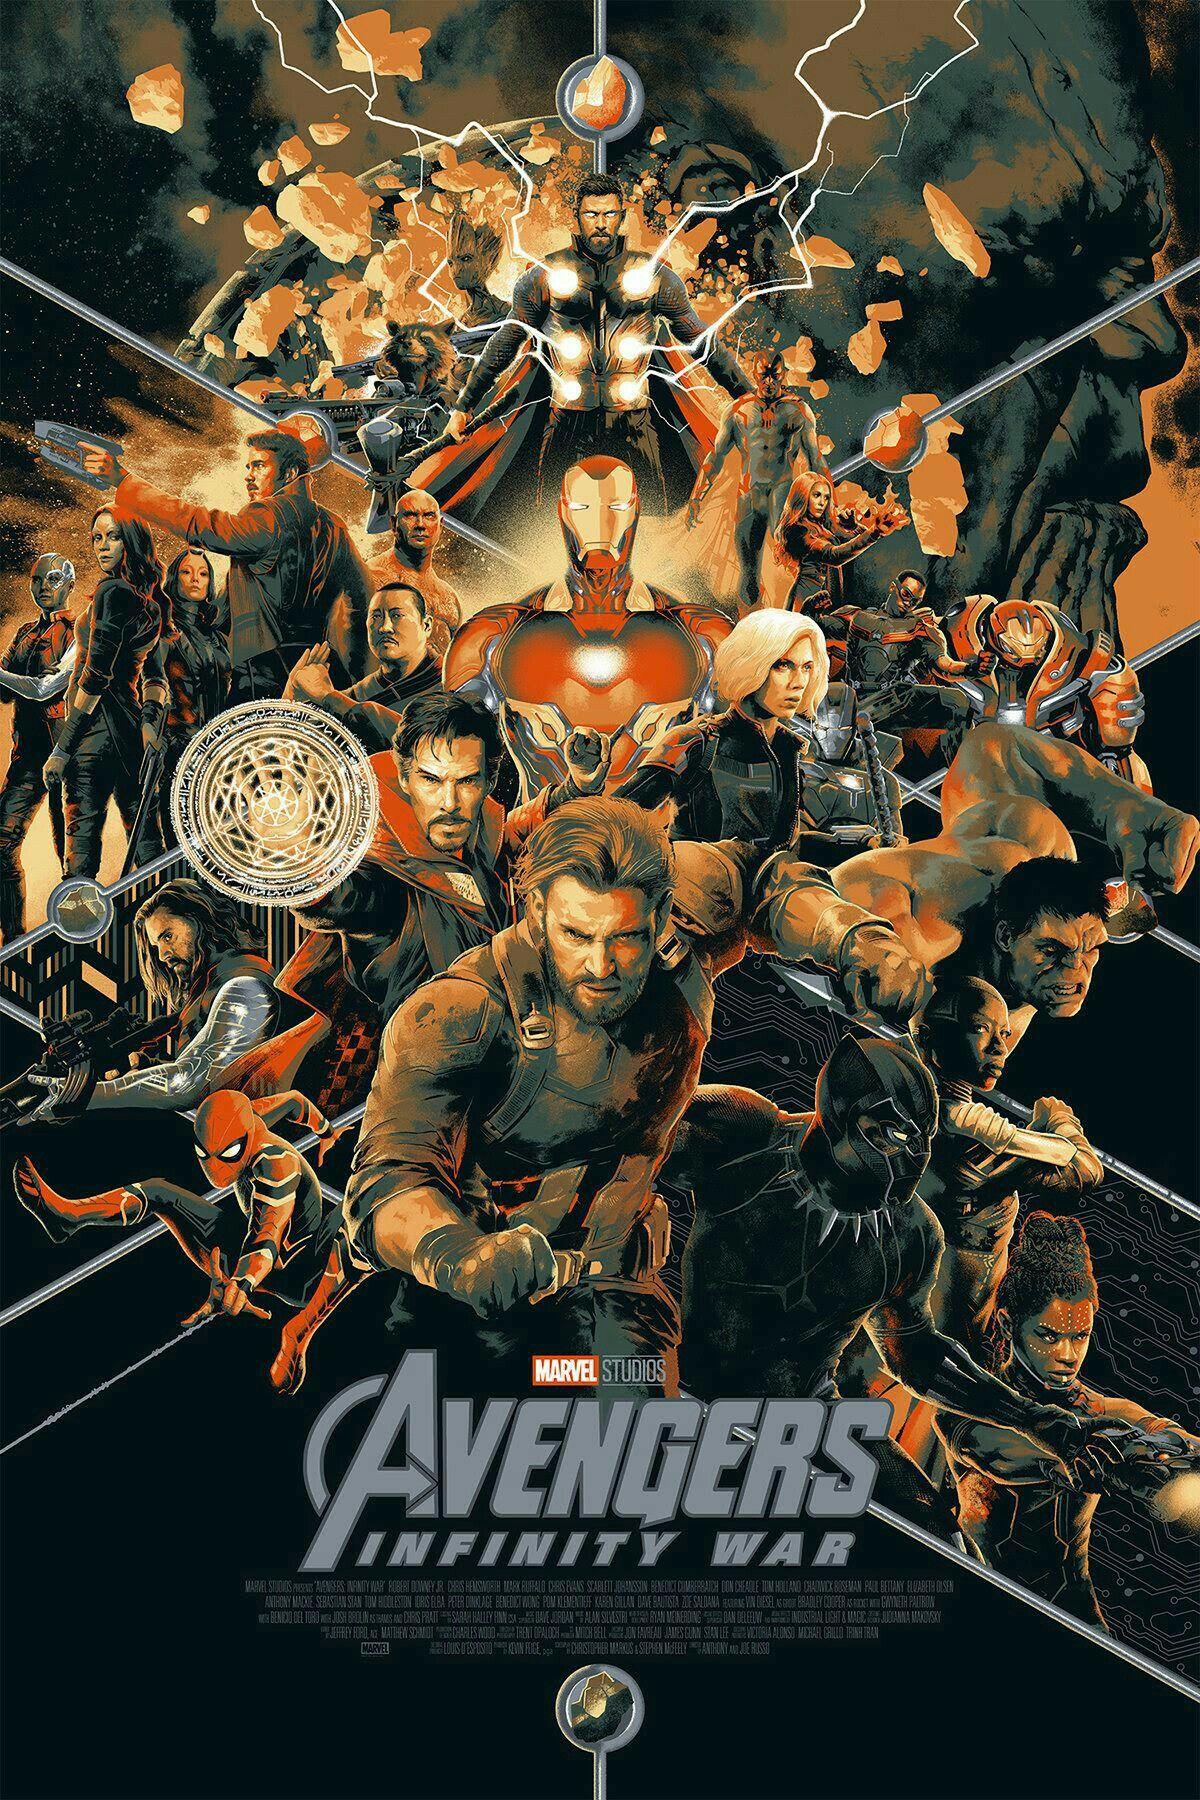 Vingadores Com Imagens Vingadores Personagens Vingadores Marvel